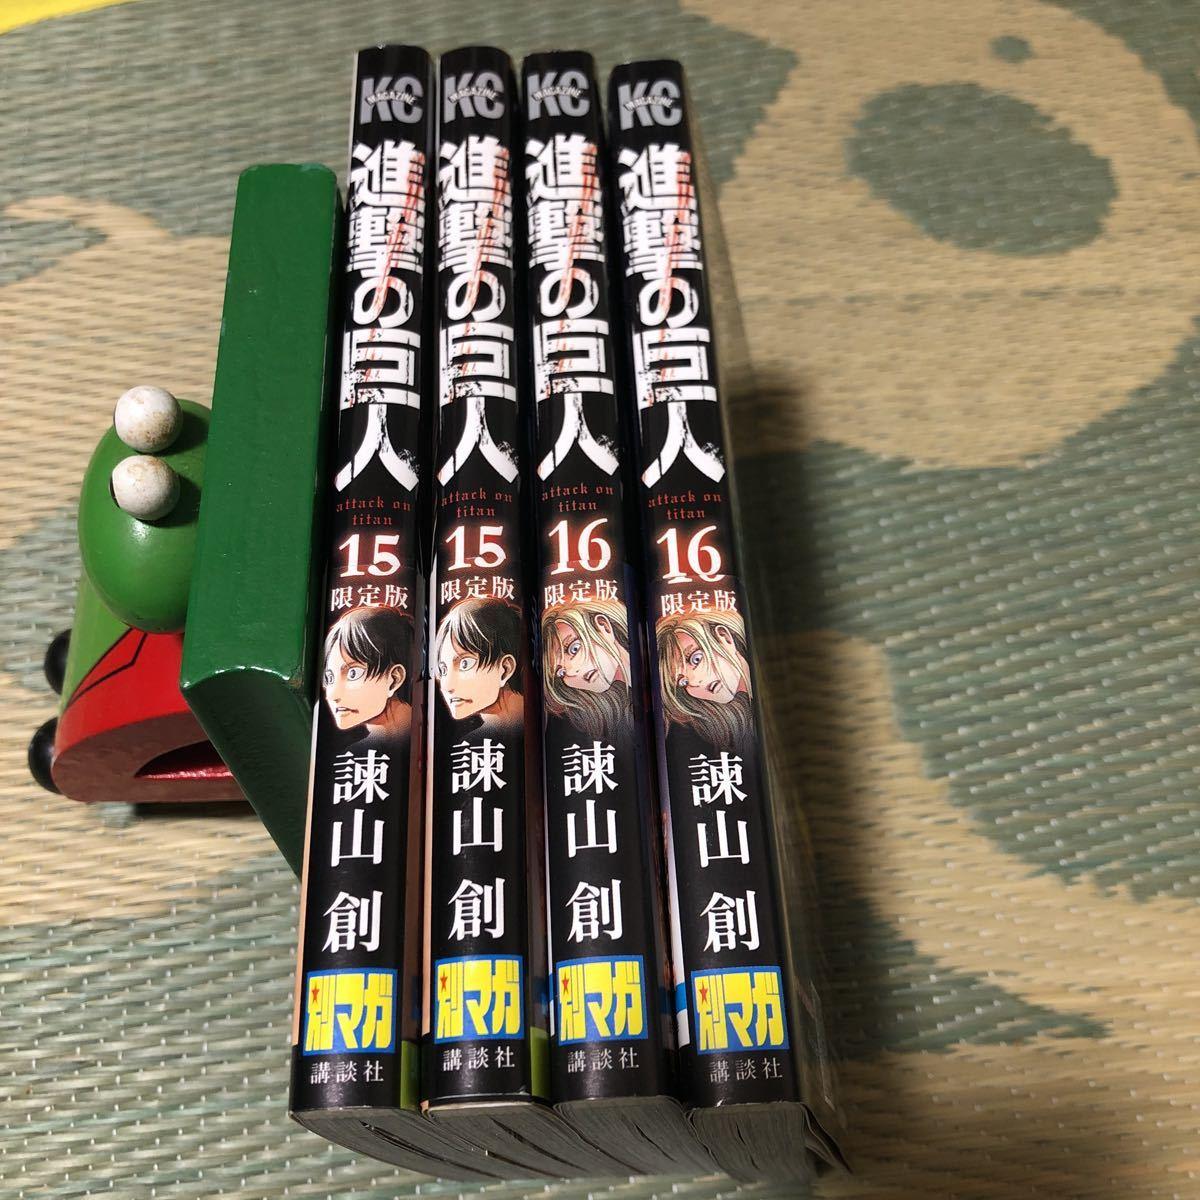 進撃の巨人 15巻 2冊 16巻 2冊  限定版 初版 本のみ 4冊セット 中古 2